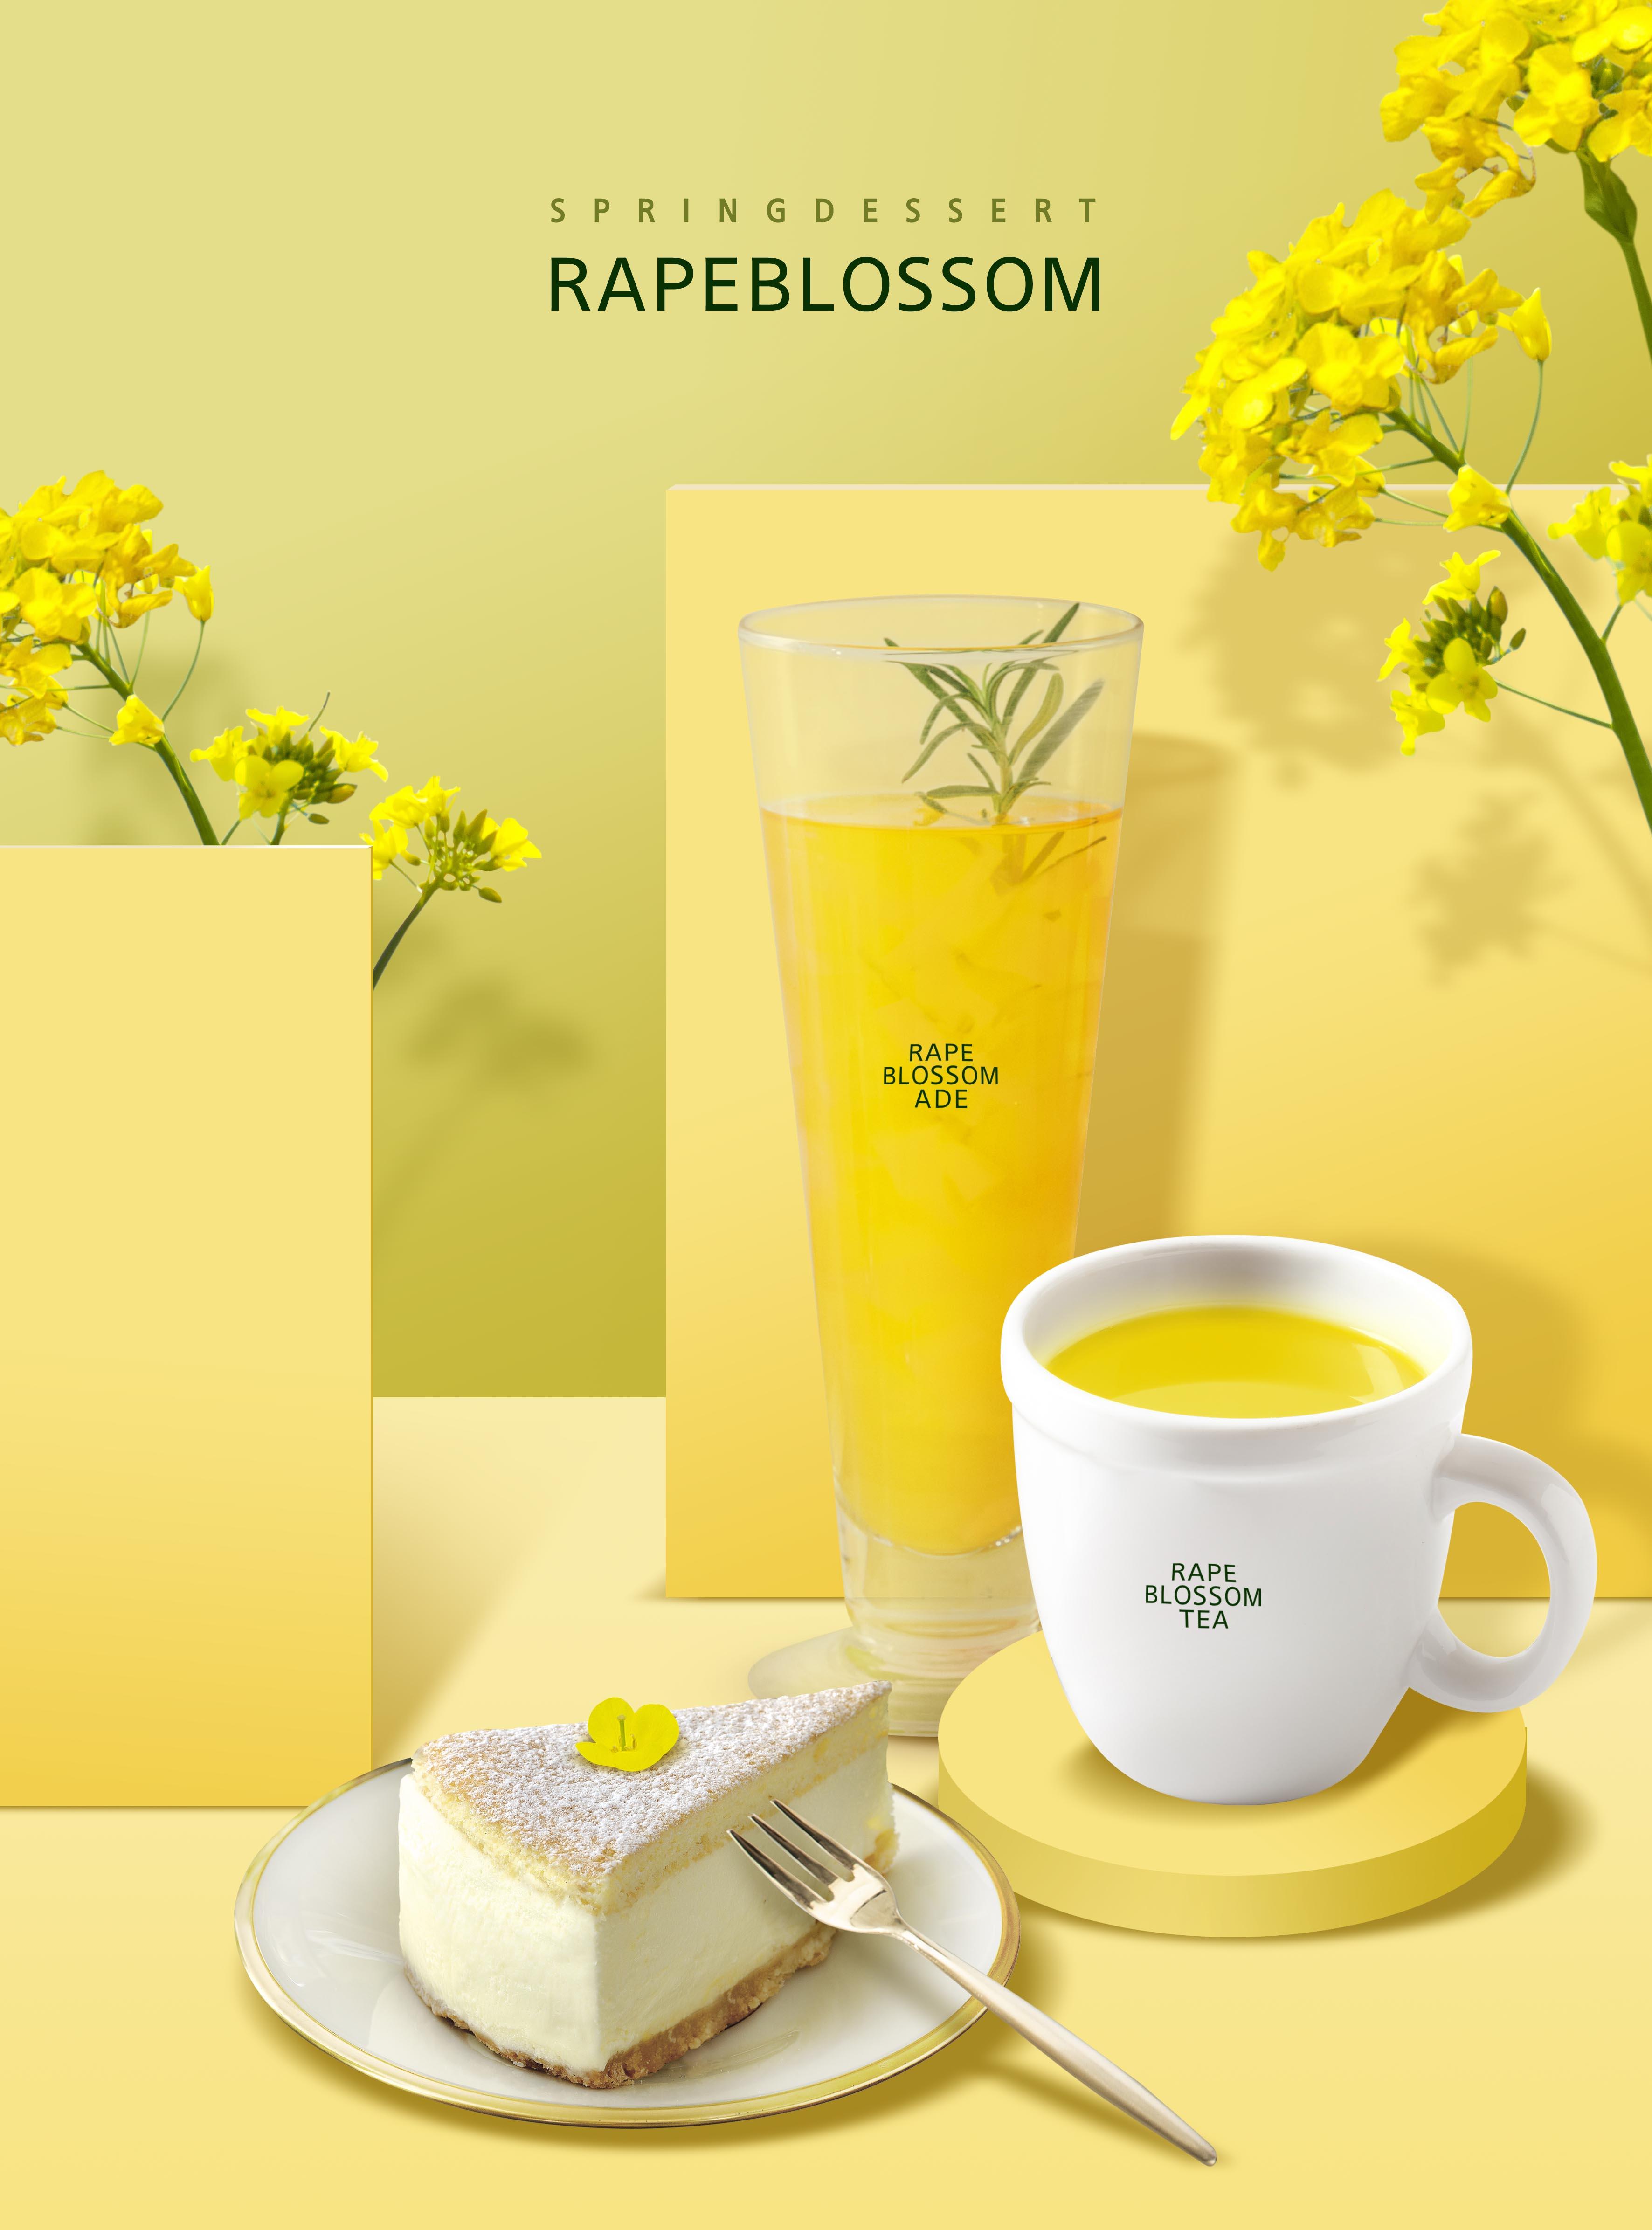 10款奶茶甜品美食蛋糕下午茶传单海报设计PSD素材 Food Poster PSD Template插图2